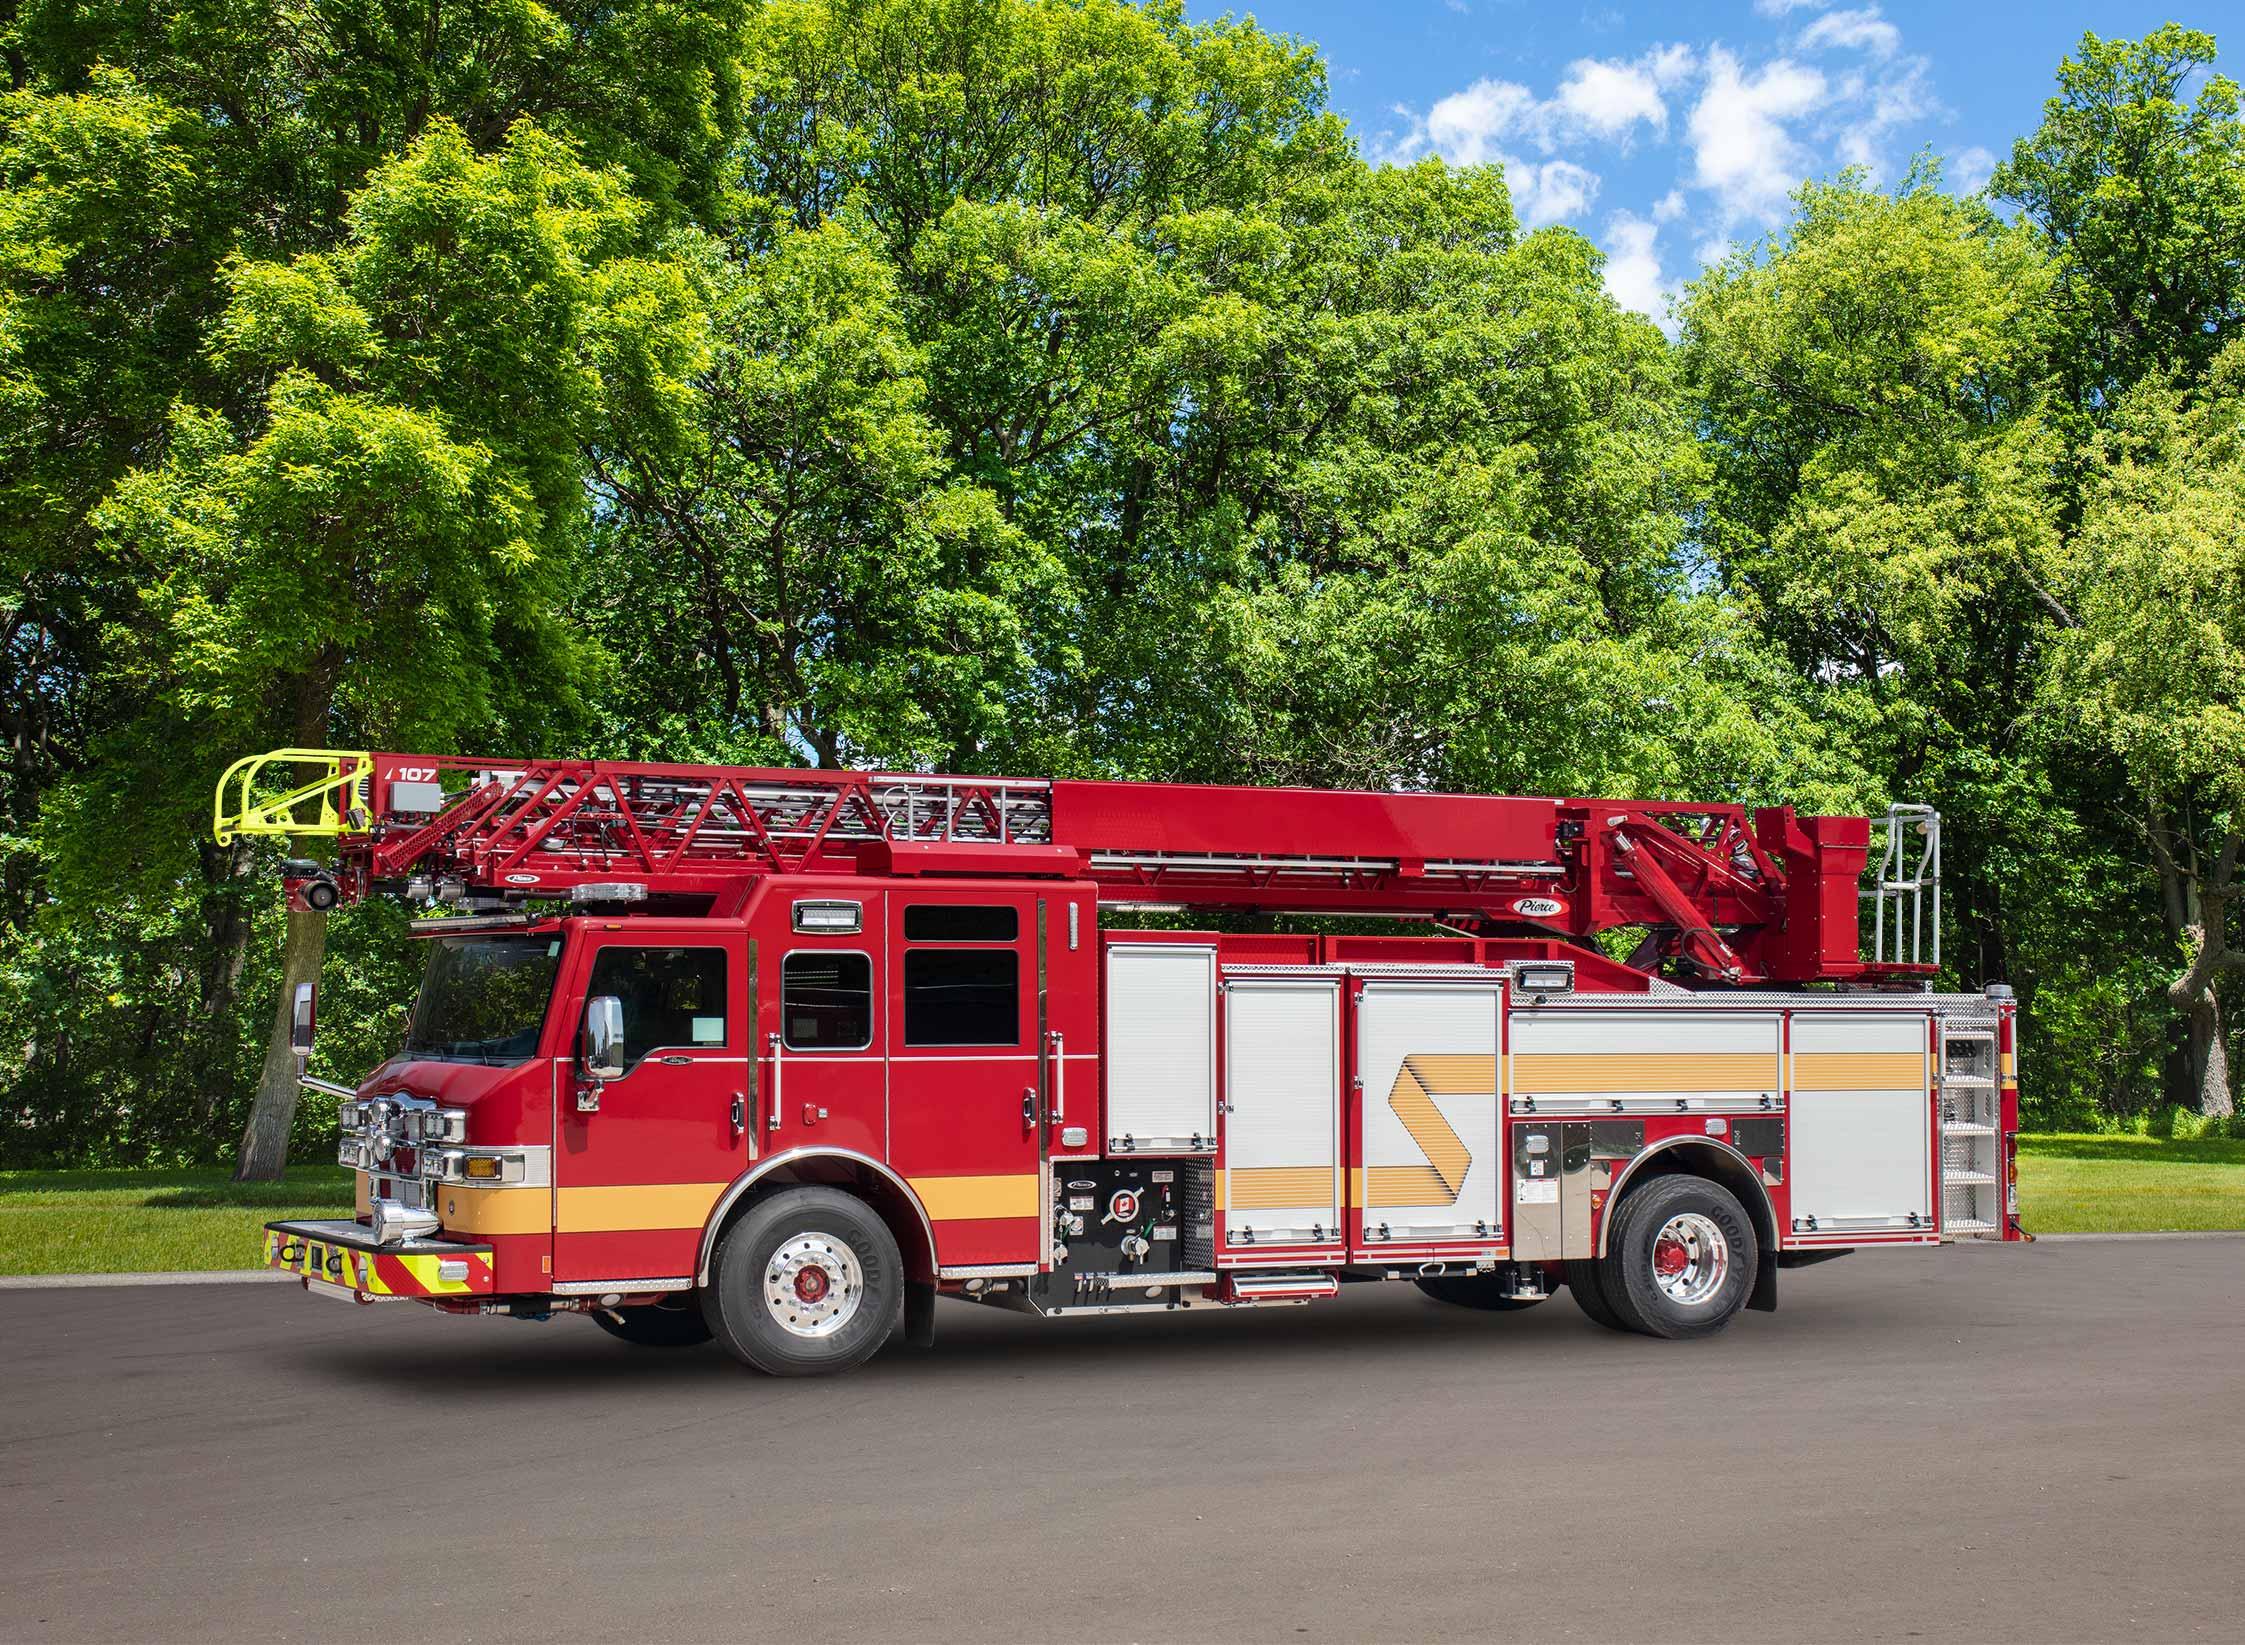 Cambridge Fire Department - Aerial